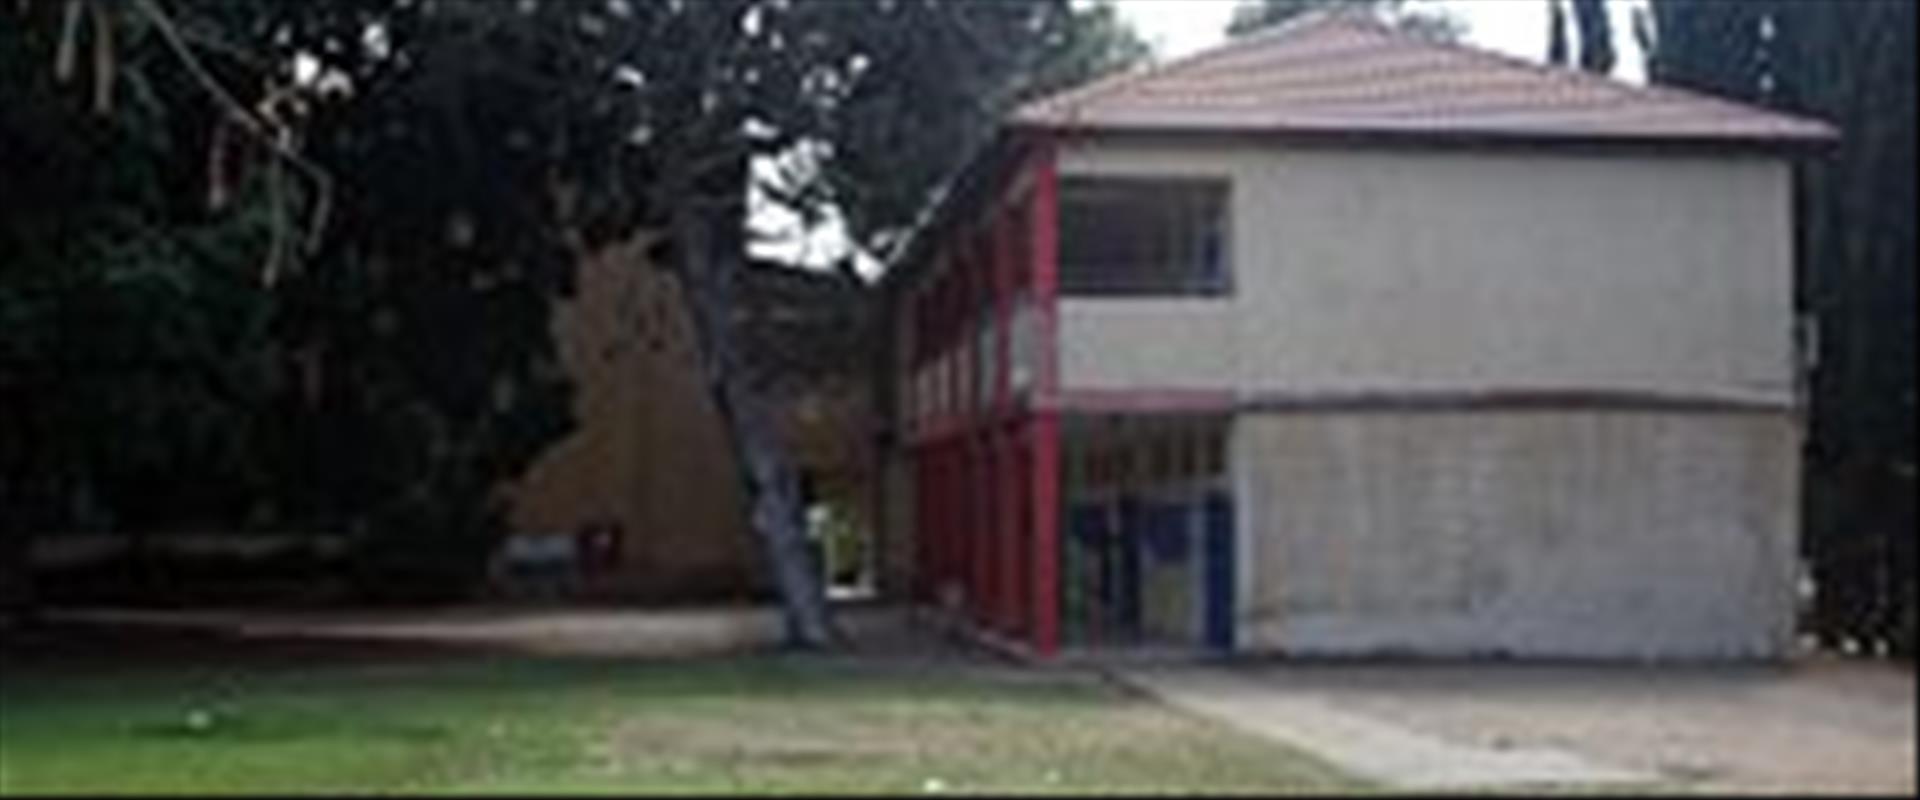 בית הספר החקלאי פרדס חנה